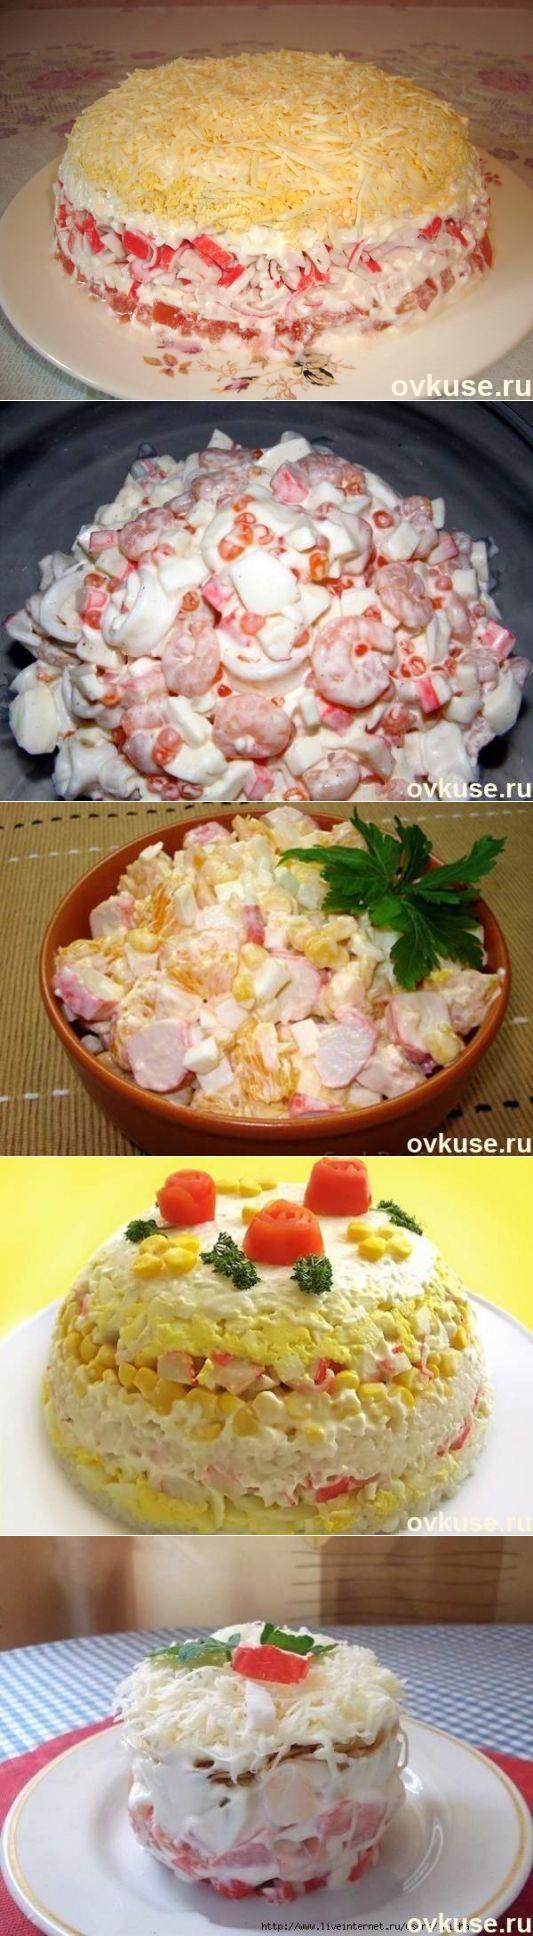 Рецепты салатов с крабовыми паличками